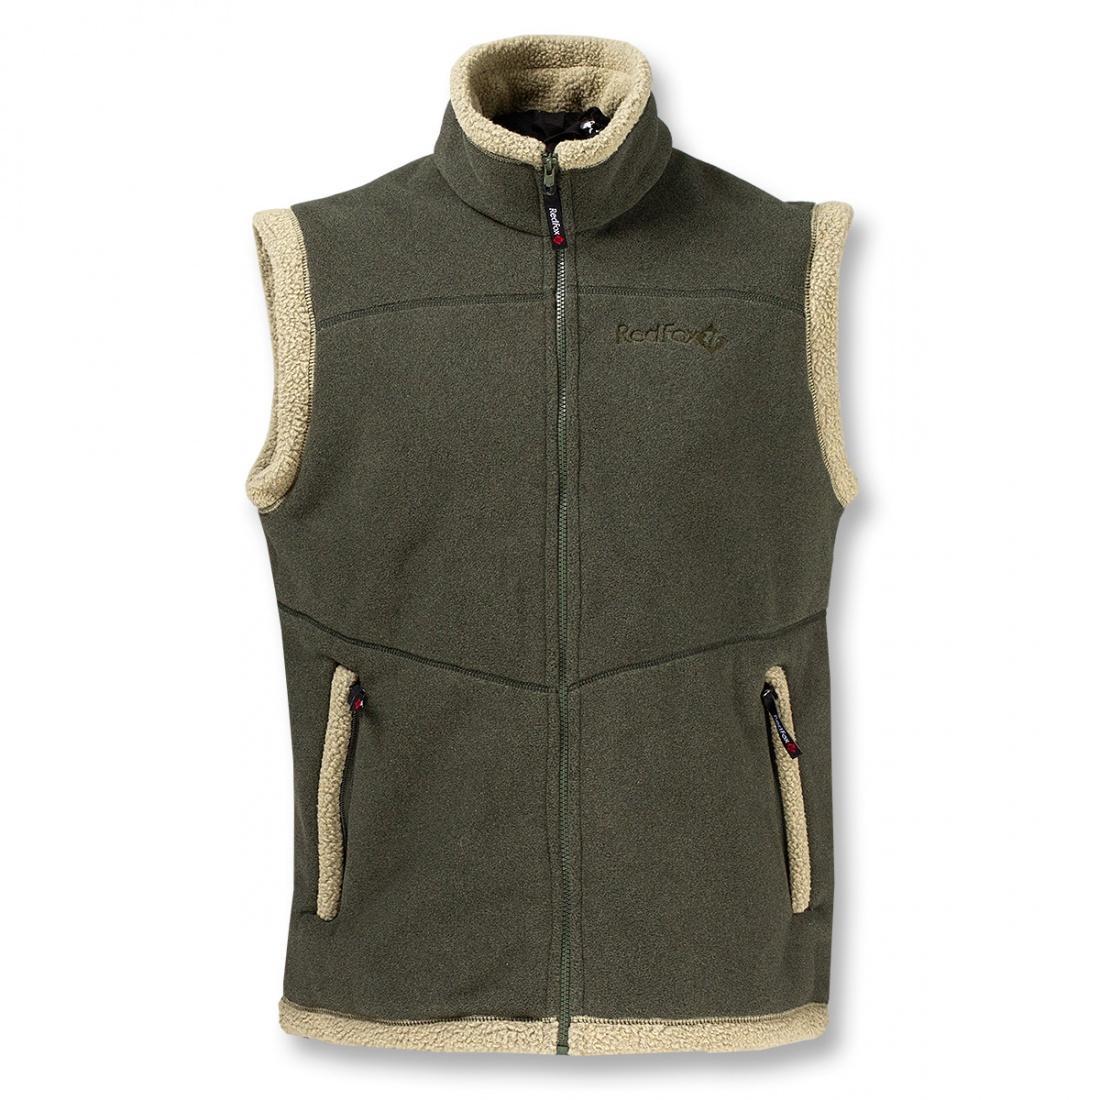 Жилет LhasaЖилеты<br><br> Очень теплый жилет из материала Polartec® 300, выполненный в стилистике куртки Cliff.<br><br><br> Основные характеристики<br><br><br><br><br>воротник ...<br><br>Цвет: Зеленый<br>Размер: 42